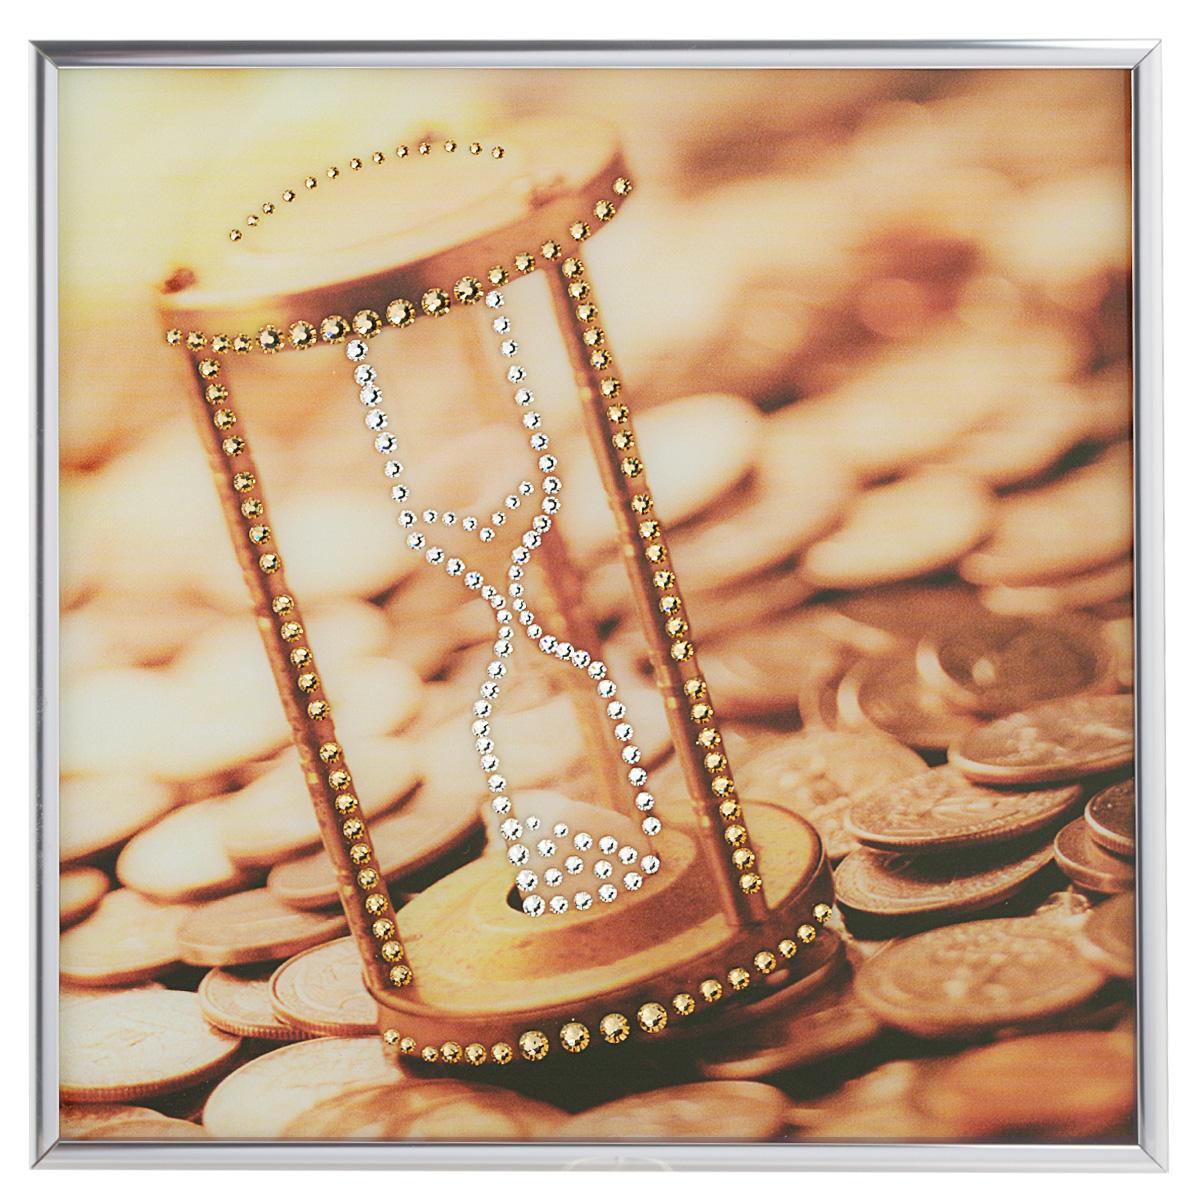 Картина с кристаллами Swarovski Время деньги, 25 х 25 см1105Изящная картина в металлической раме, инкрустирована кристаллами Swarovski, которые отличаются четкой и ровной огранкой, ярким блеском и чистотой цвета. Красочное изображение песочных часов и монет, расположенное под стеклом, прекрасно дополняет блеск кристаллов. С обратной стороны имеется металлическая петелька для размещения картины на стене.Картина с кристаллами Swarovski Время деньги элегантно украсит интерьер дома или офиса, а также станет прекрасным подарком, который обязательно понравится получателю. Блеск кристаллов в интерьере, что может быть сказочнее и удивительнее. Картина упакована в подарочную картонную коробку синего цвета и комплектуется сертификатом соответствия Swarovski.